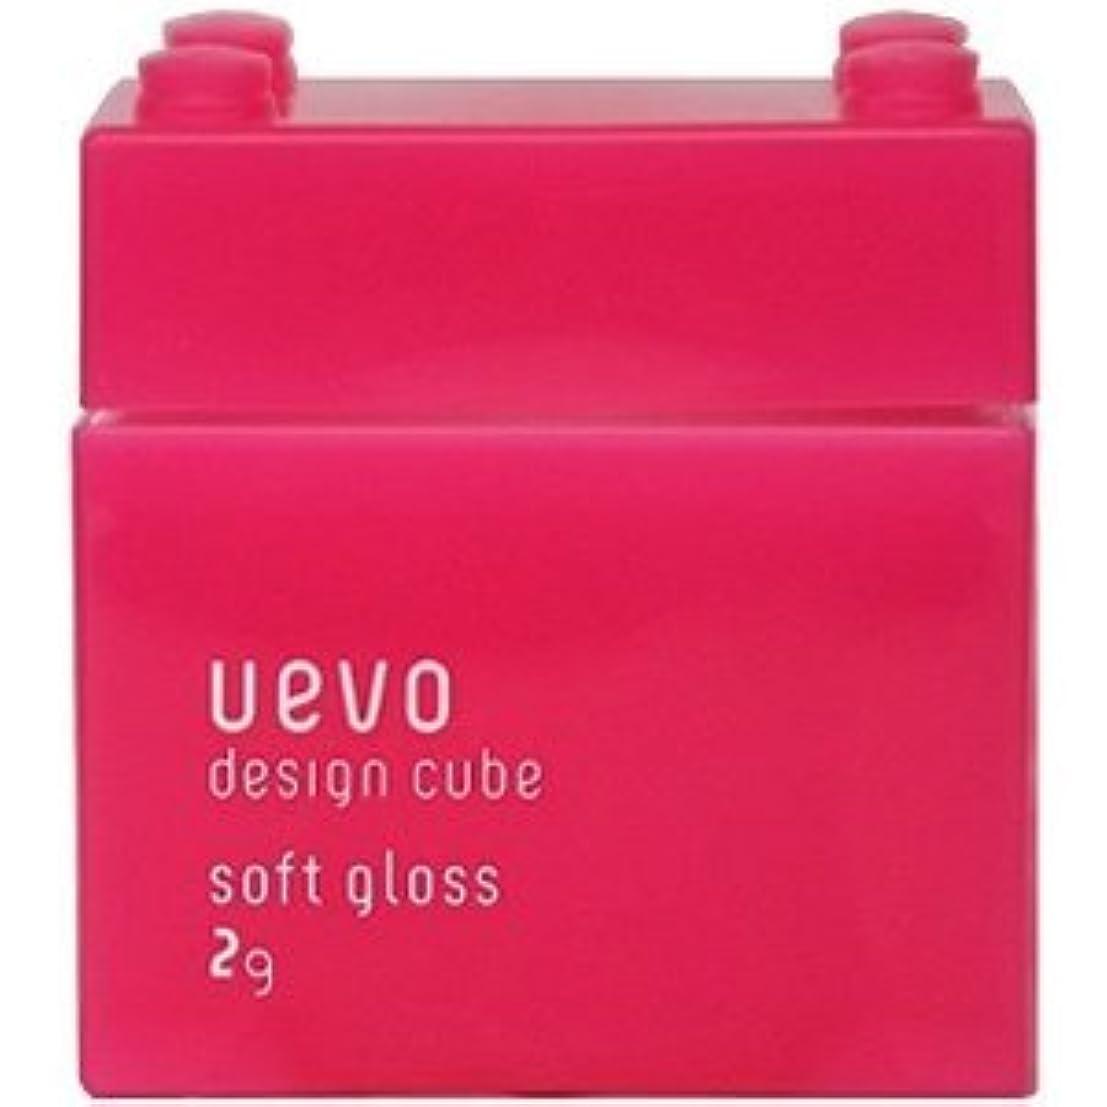 ベーコン荒らすどきどき【X2個セット】 デミ ウェーボ デザインキューブ ソフトグロス 80g soft gloss DEMI uevo design cube